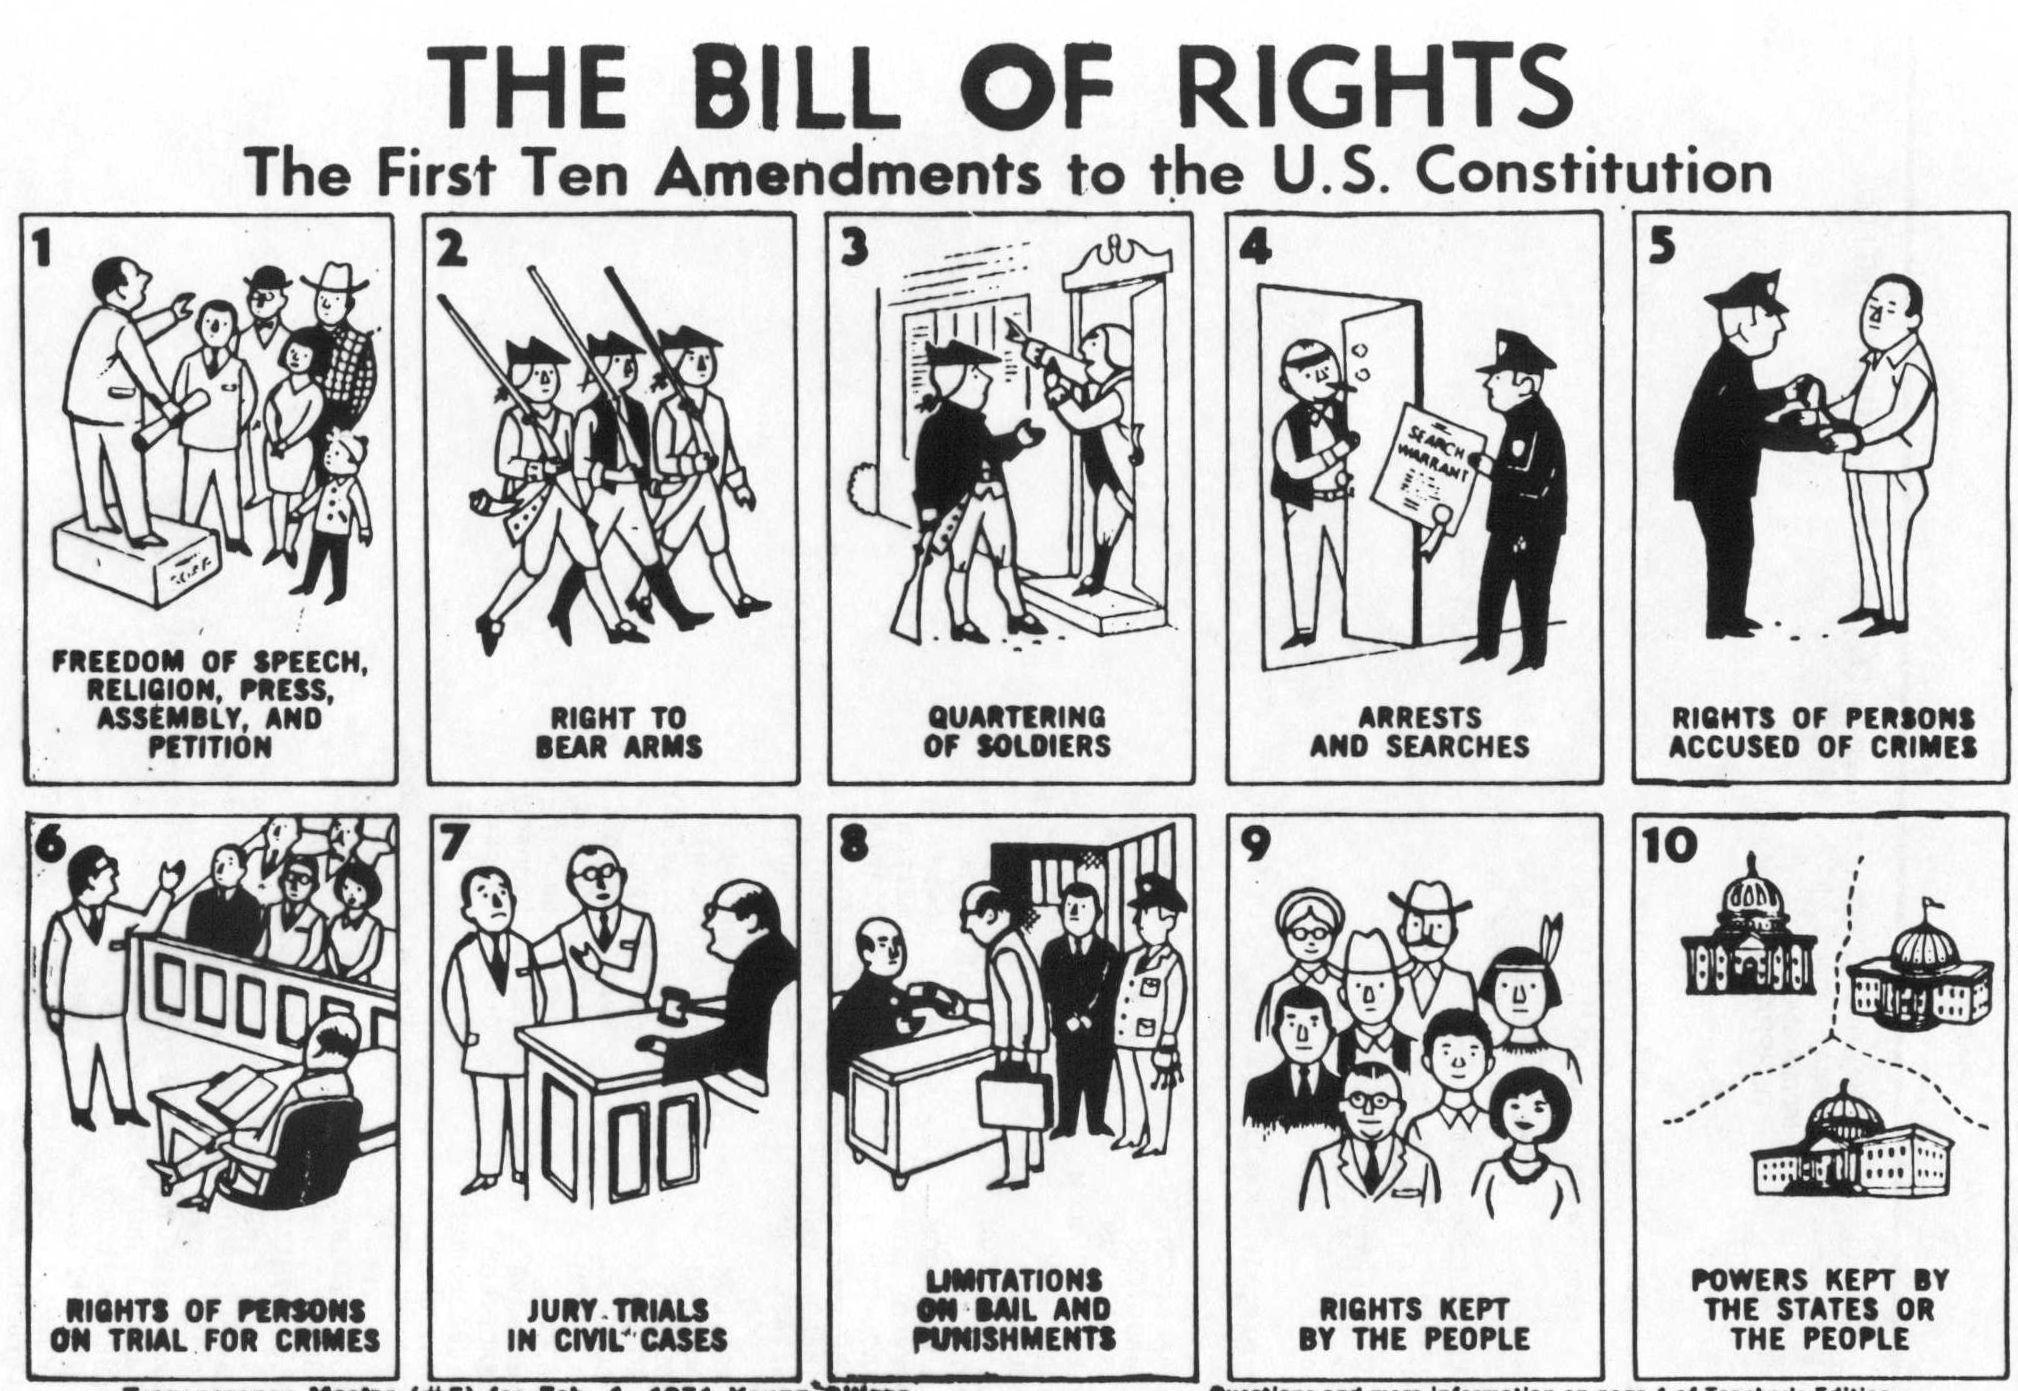 Bills clipart right. Bill of rights printables